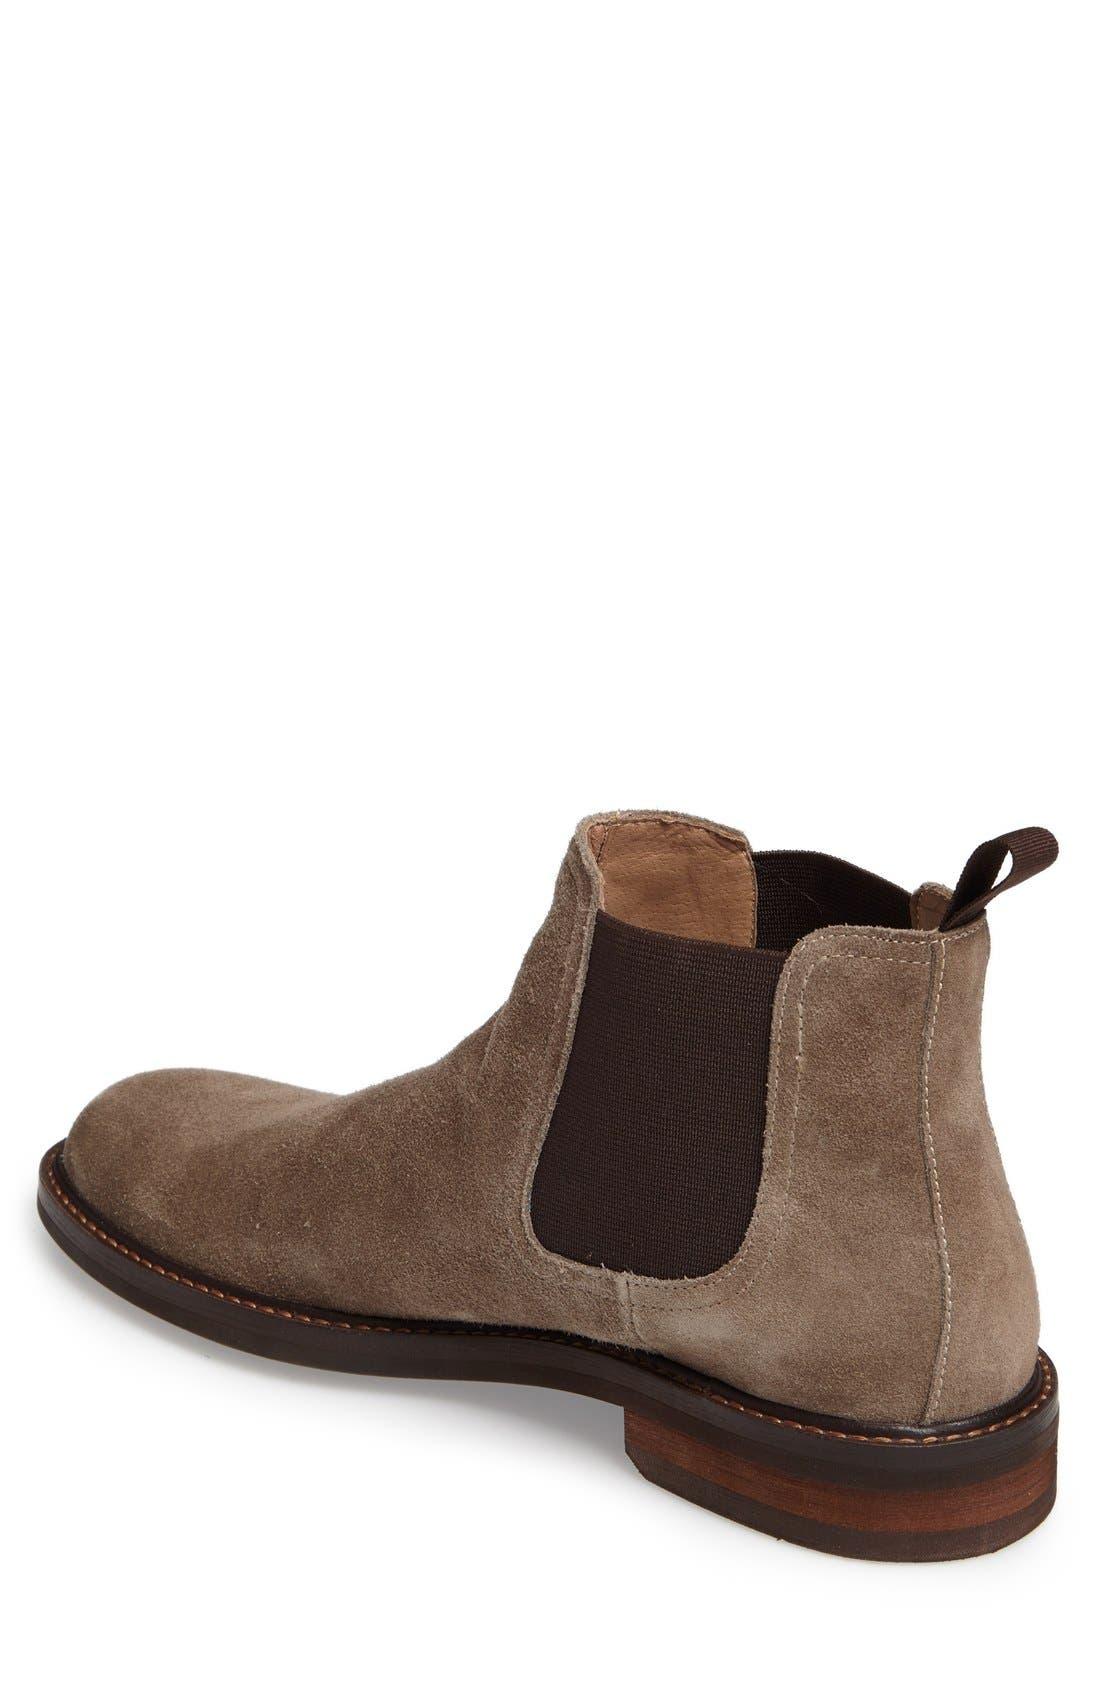 Alternate Image 2  - 1901 Horton Chelsea Boot (Men)